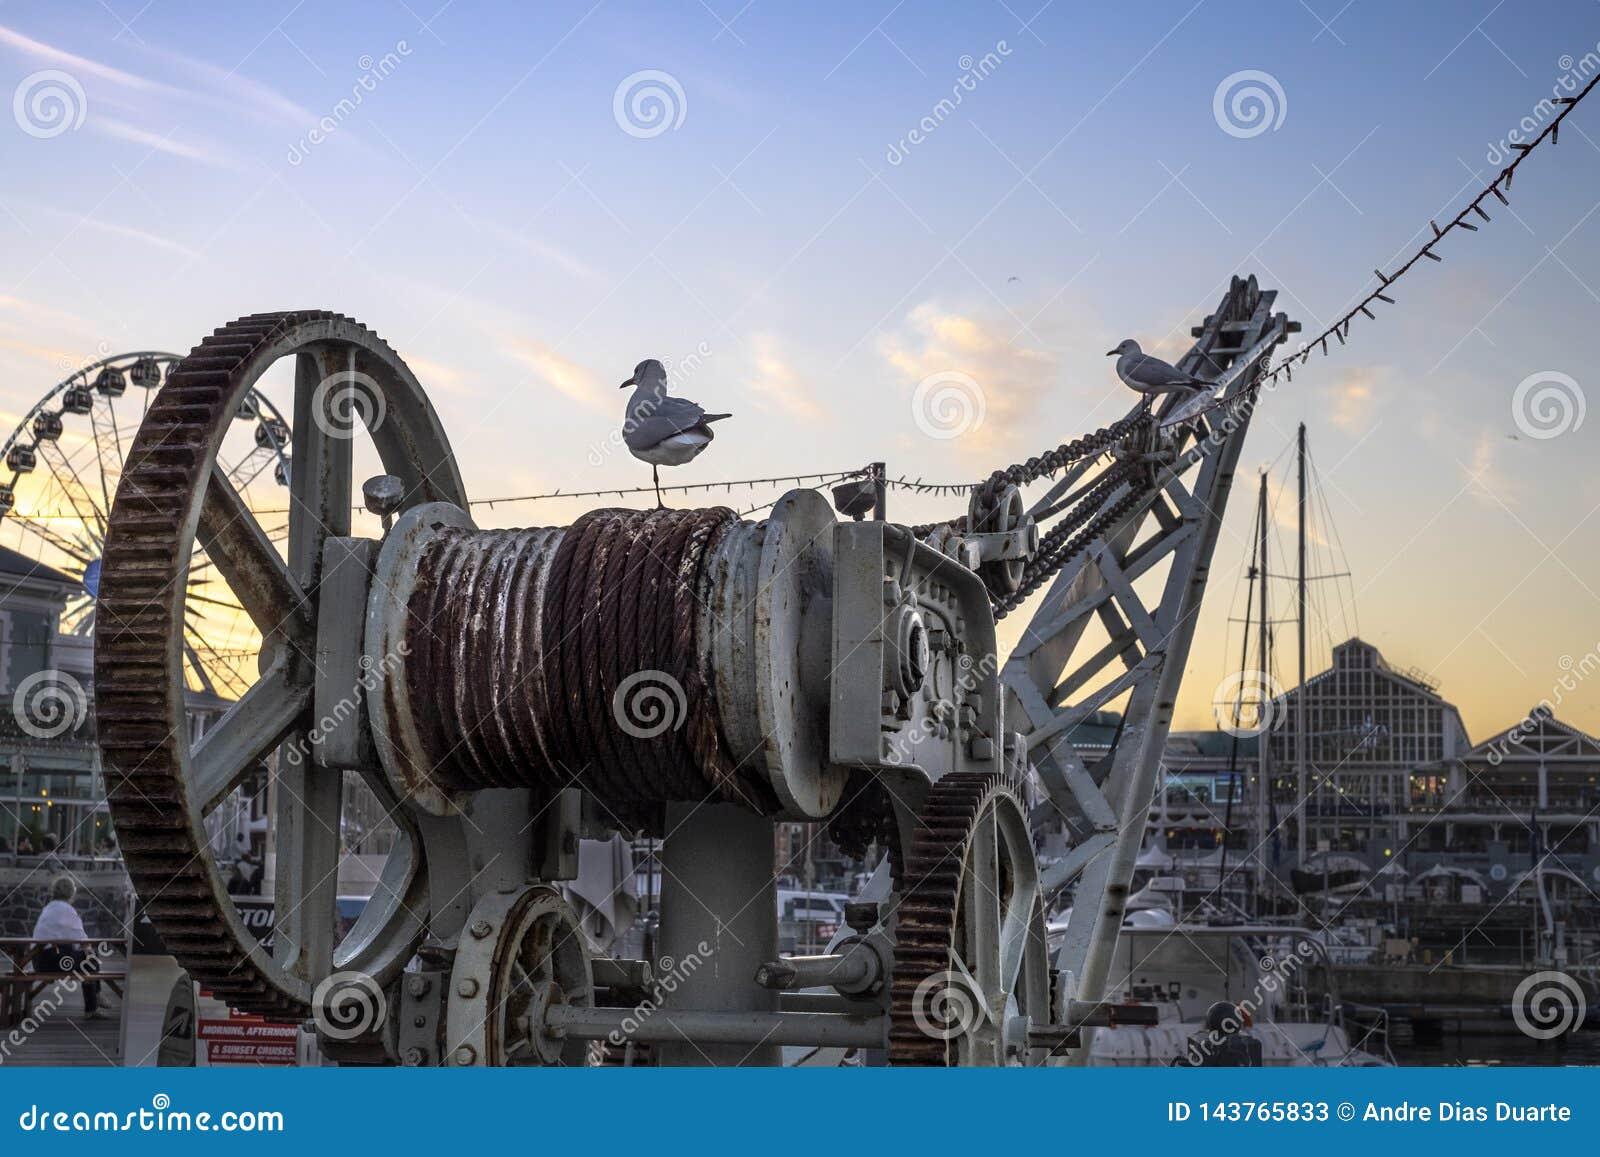 Deux mouettes par le port sur une grue au coucher du soleil